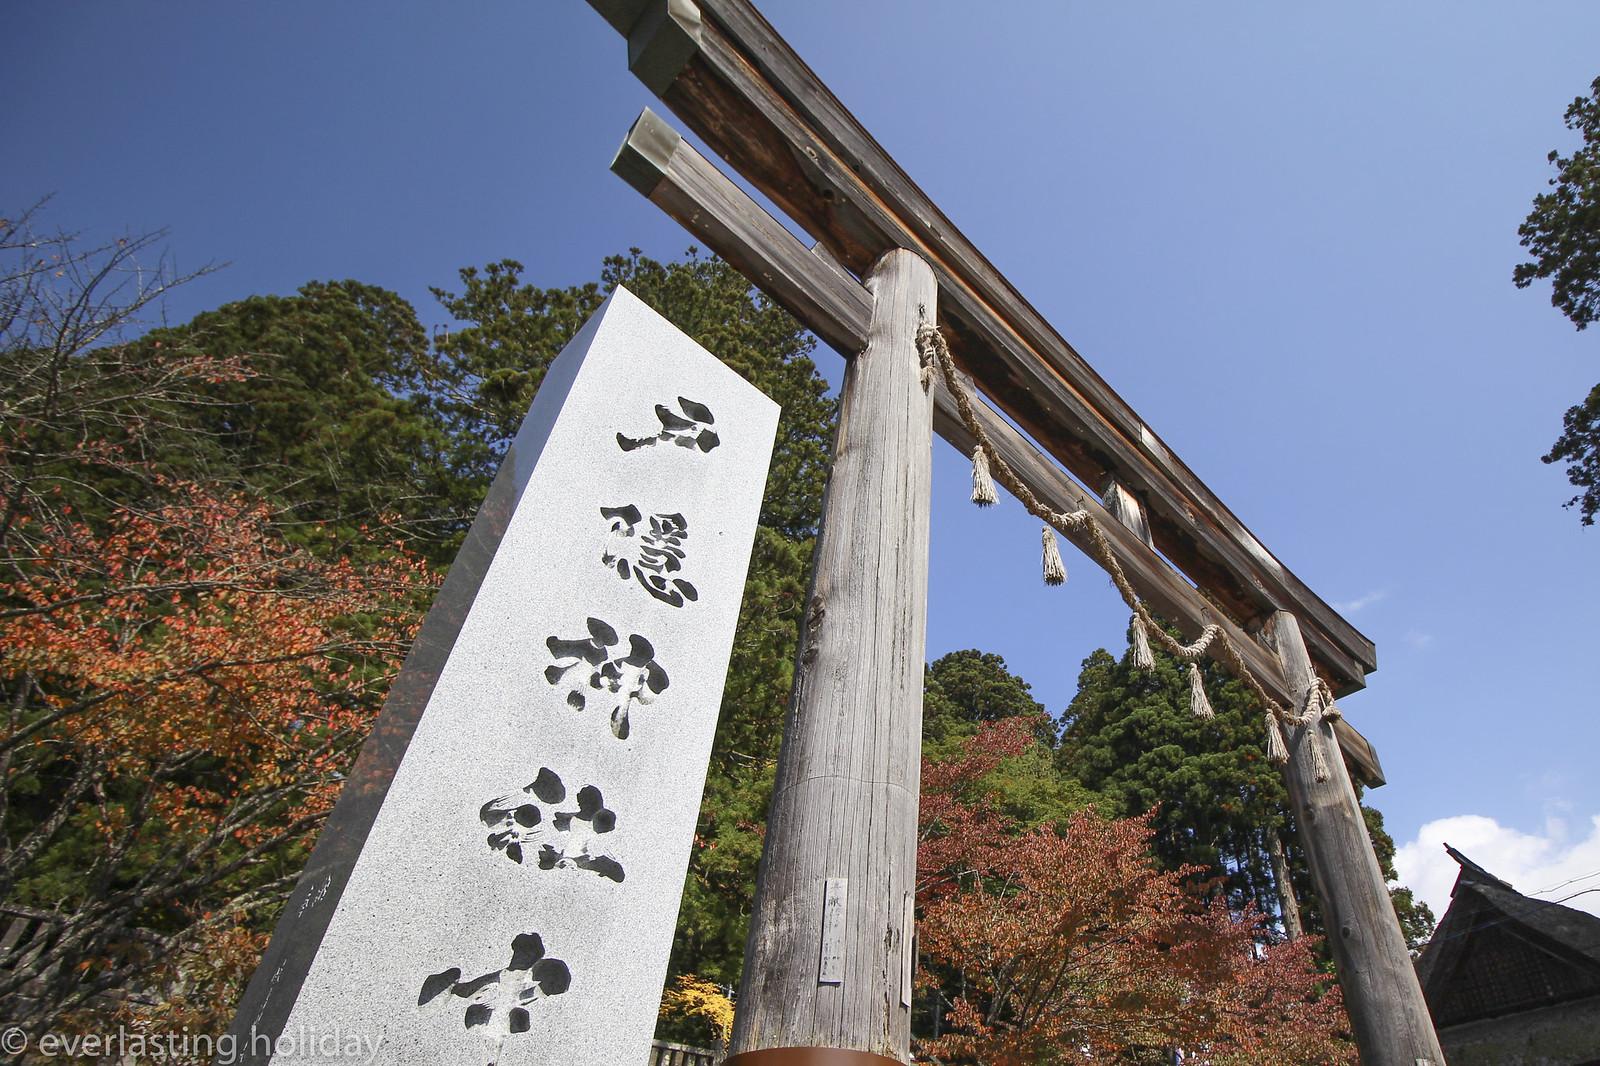 戸隠神社 Togakushi-jinja Shrine-0006